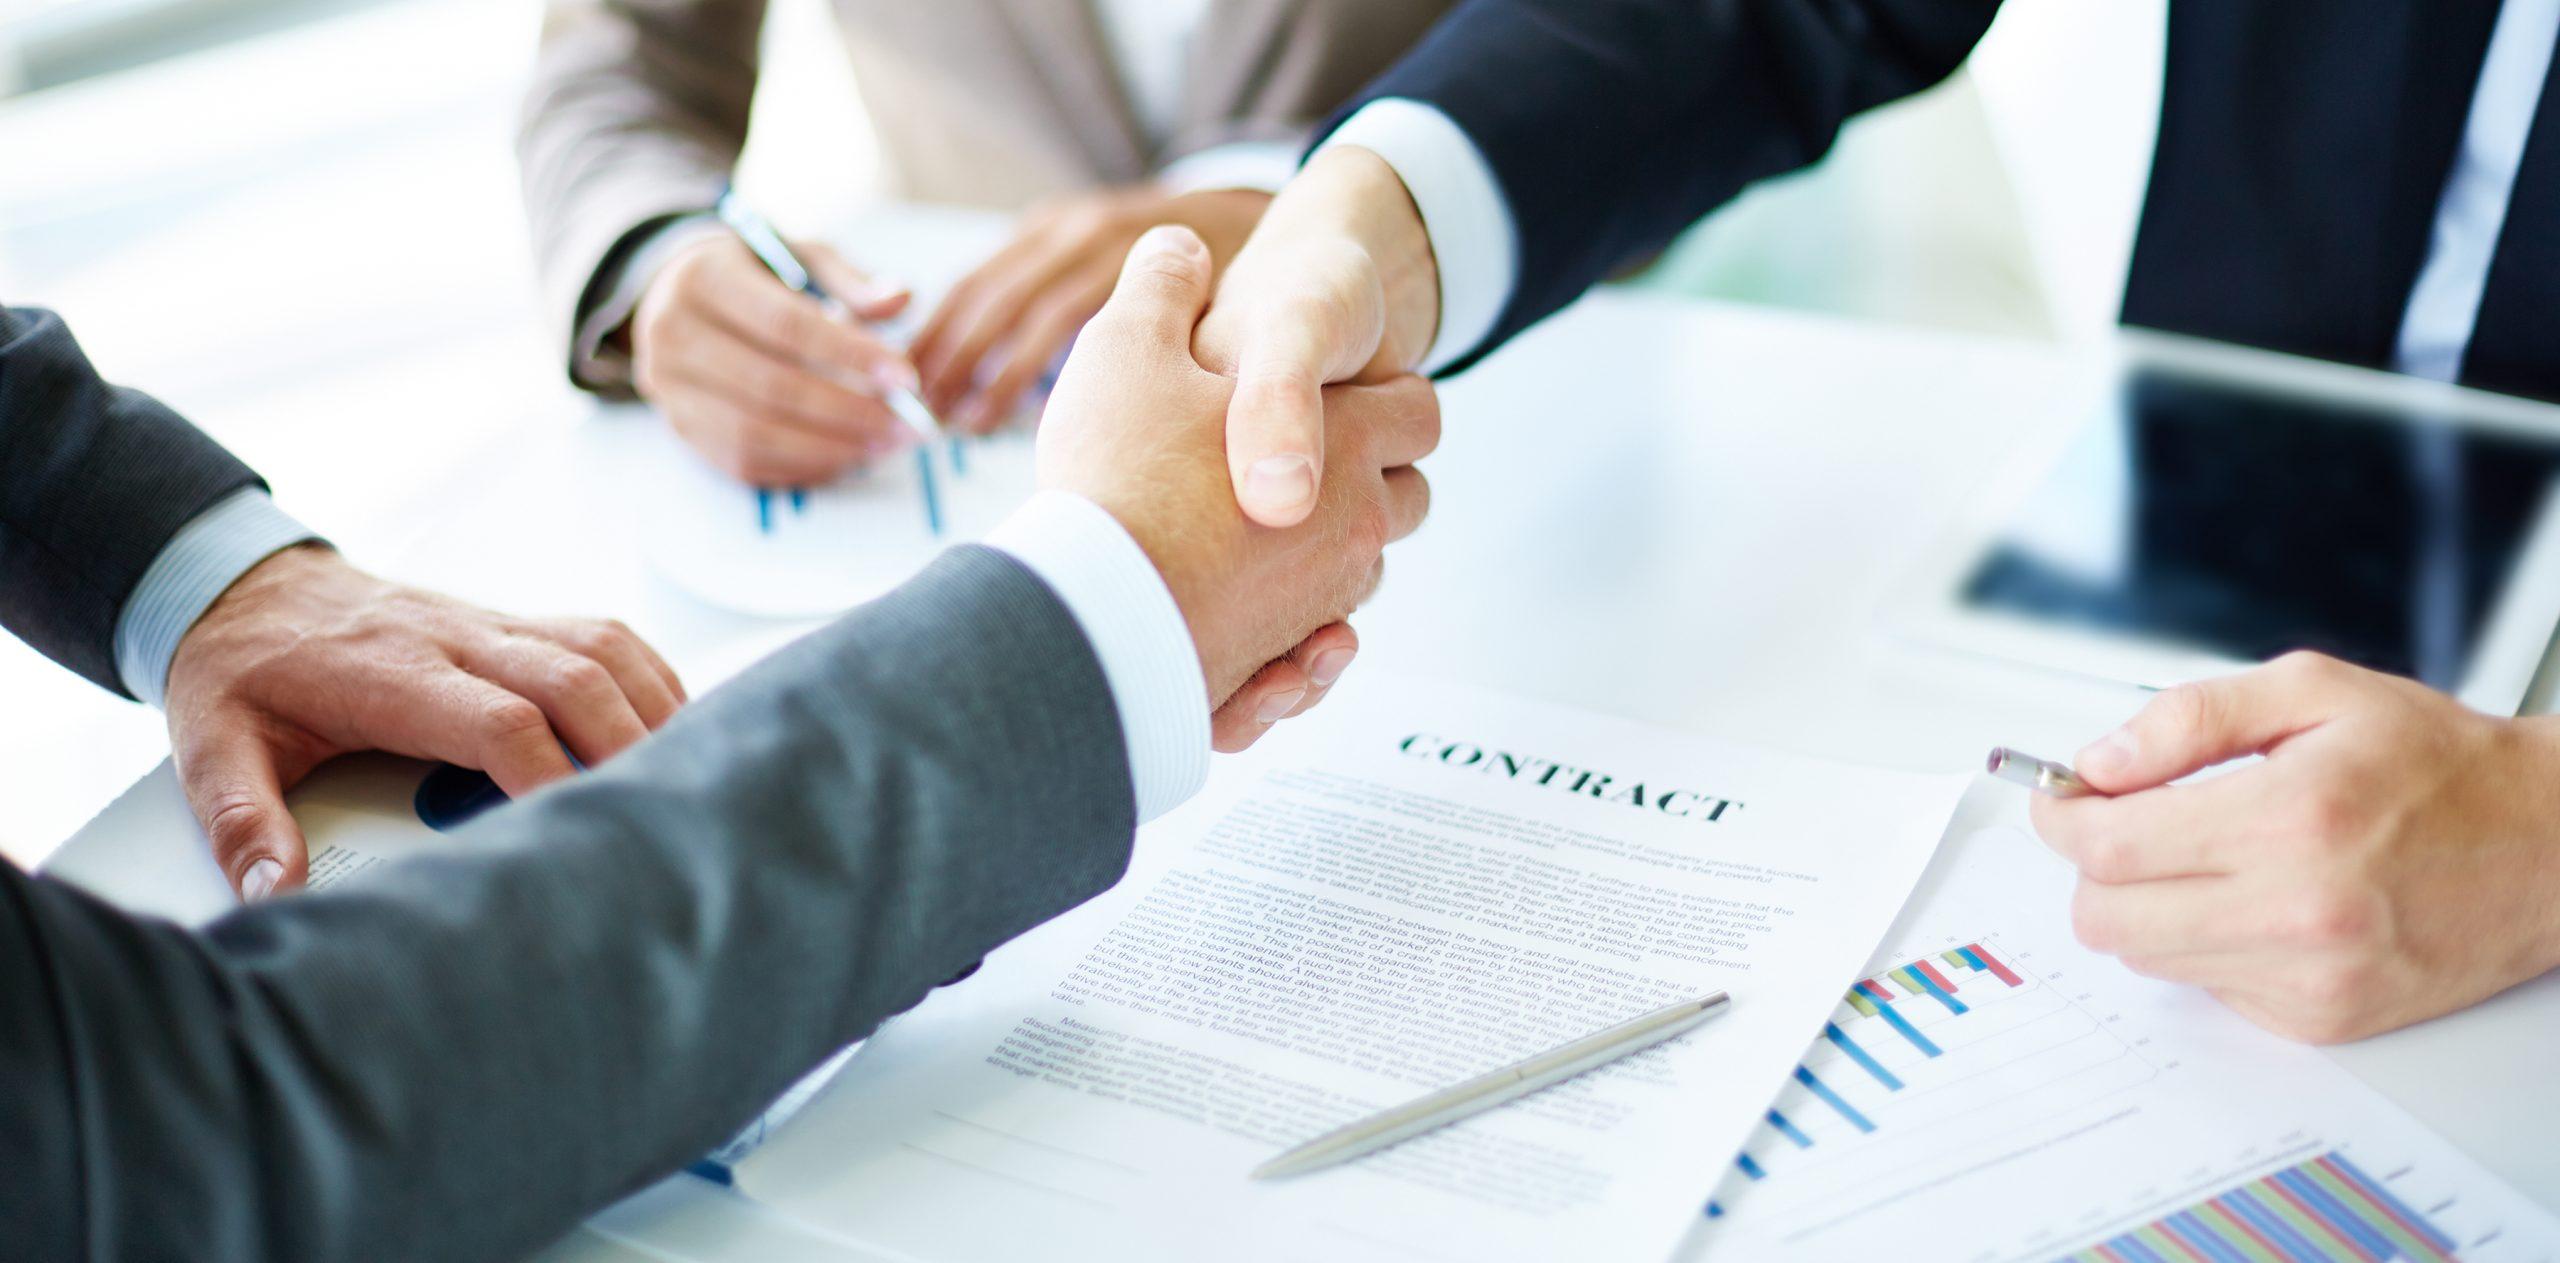 Jak zarejestrować spółkę z o.o. - uścisk dłoni